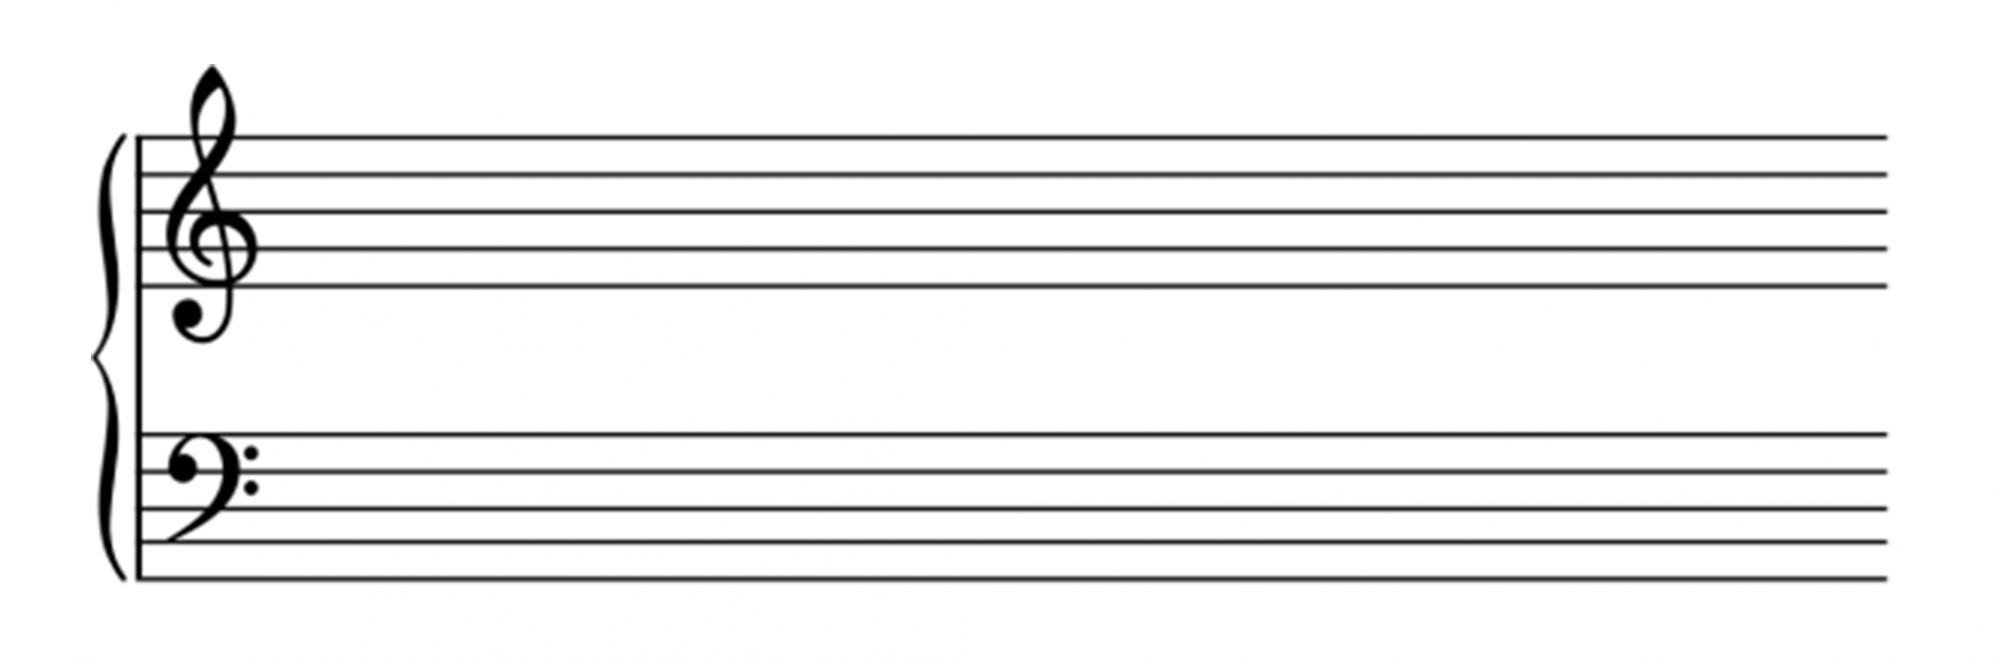 chiave di violino e chiave di basso partitura pianoforte